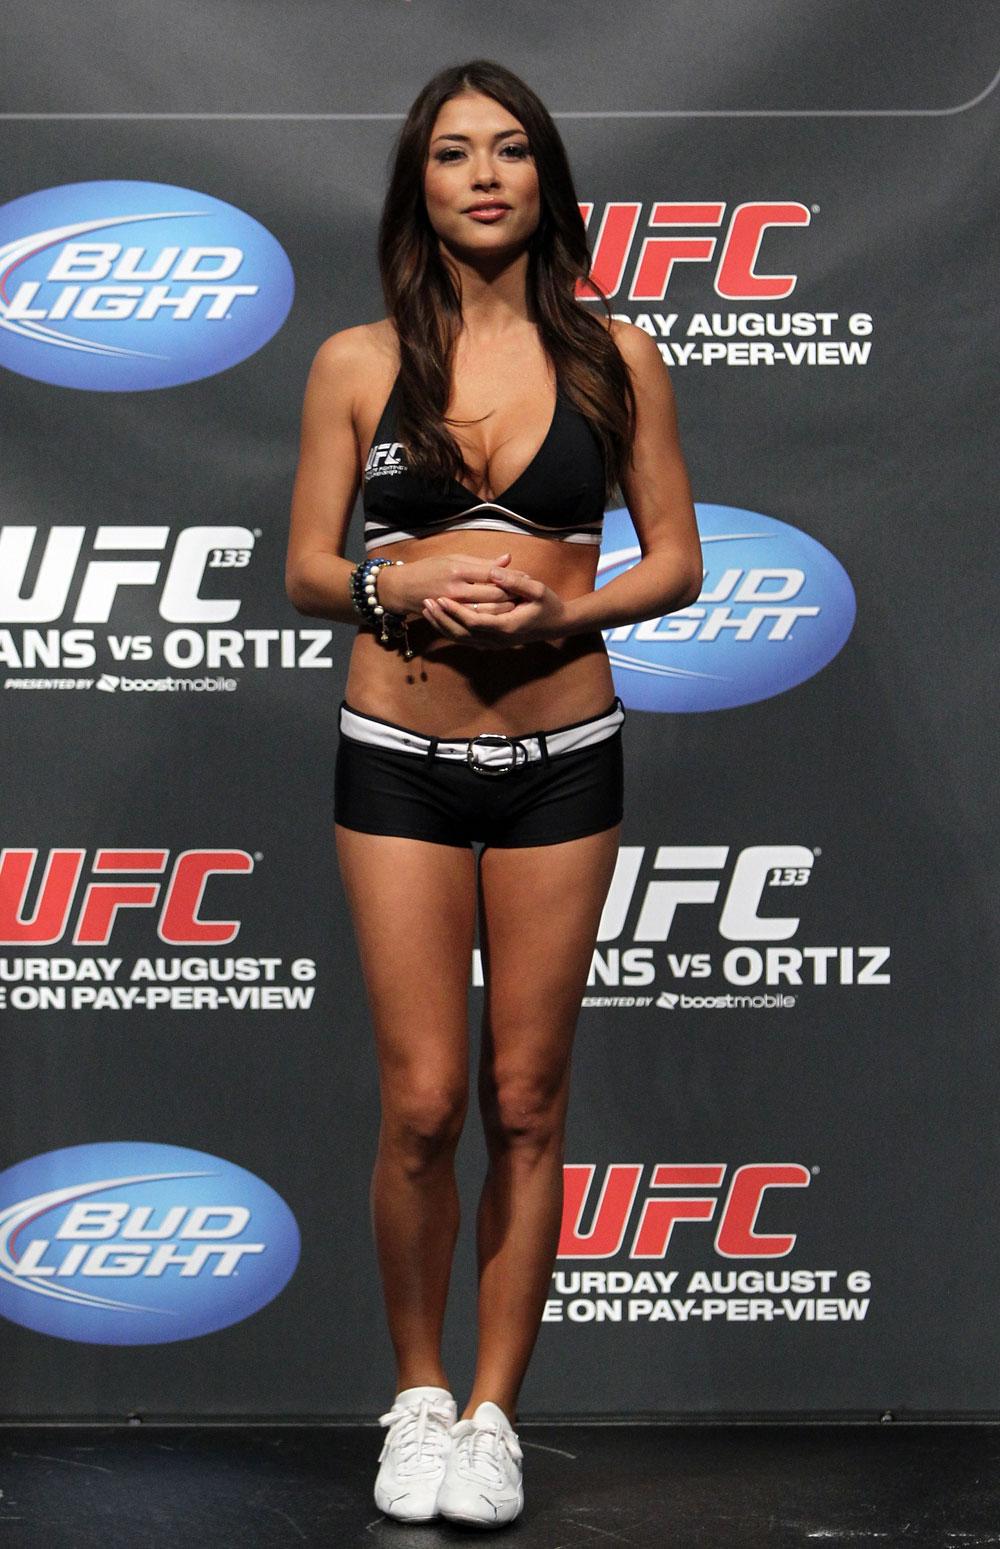 Девушка дня. Арианни Селесте – ринг-гёрл года в MMA   Спорт на БИЗНЕС Online